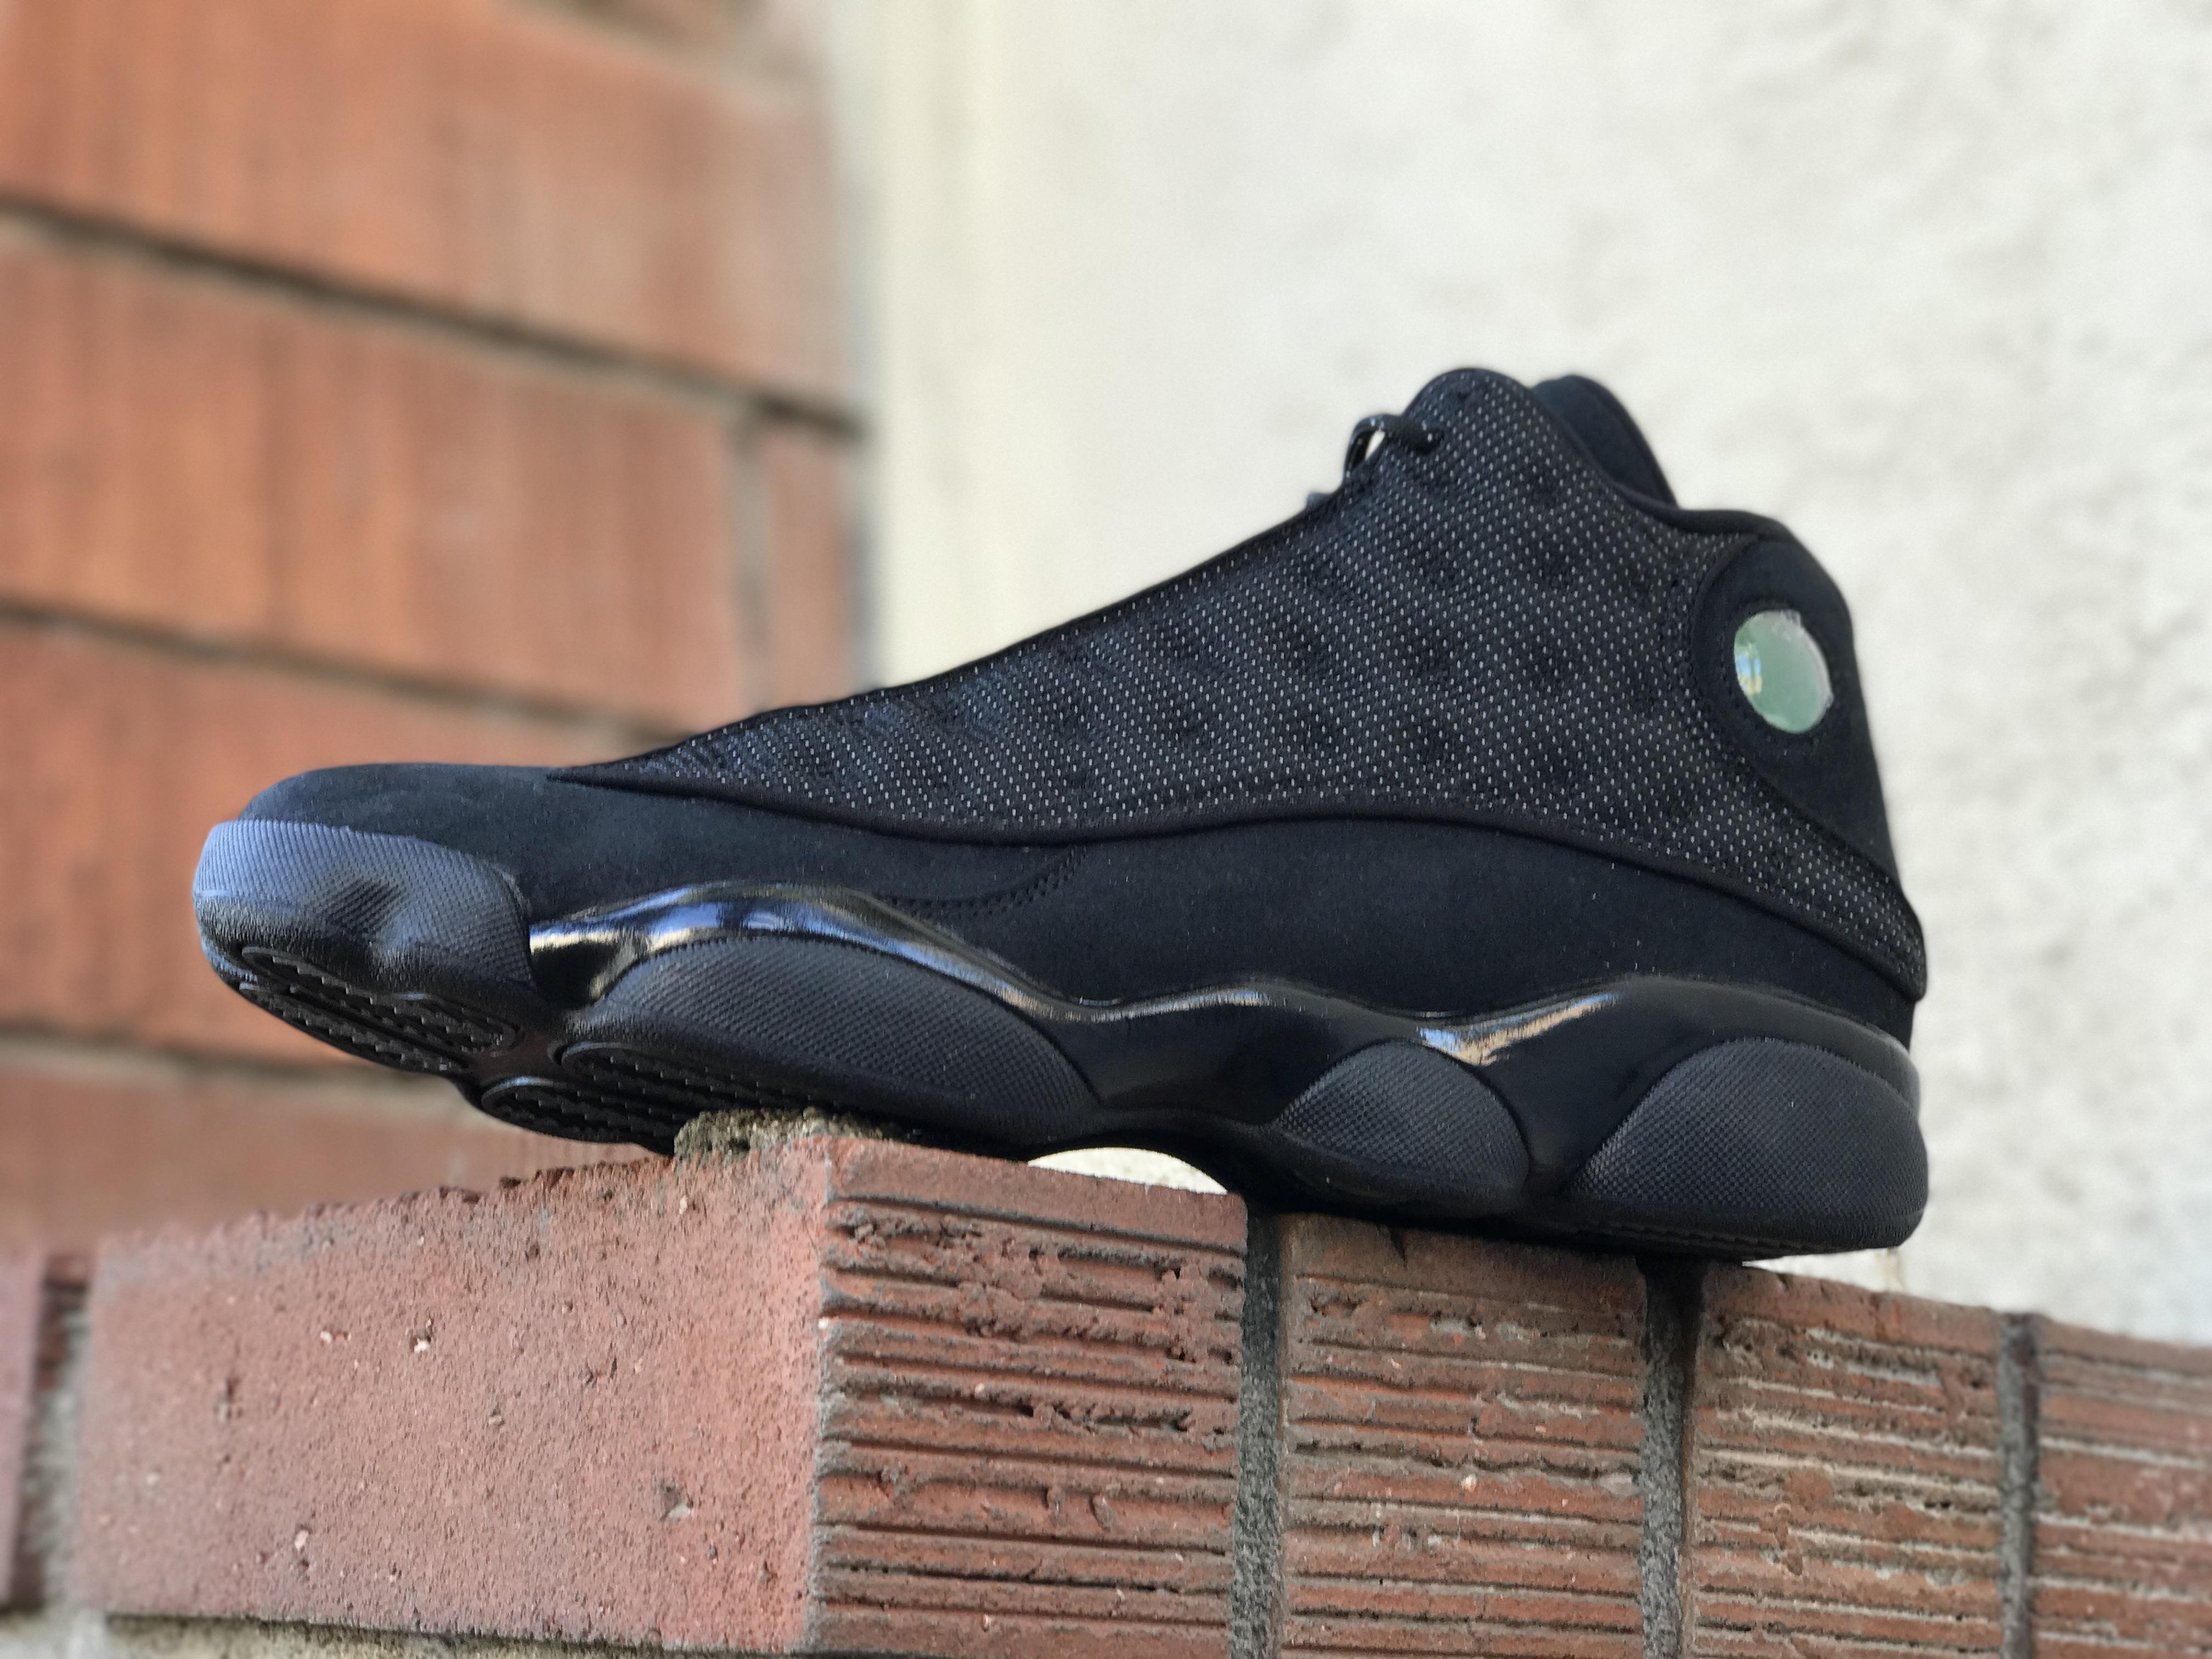 Air Jordan 13 Black Cat • KicksOnFire